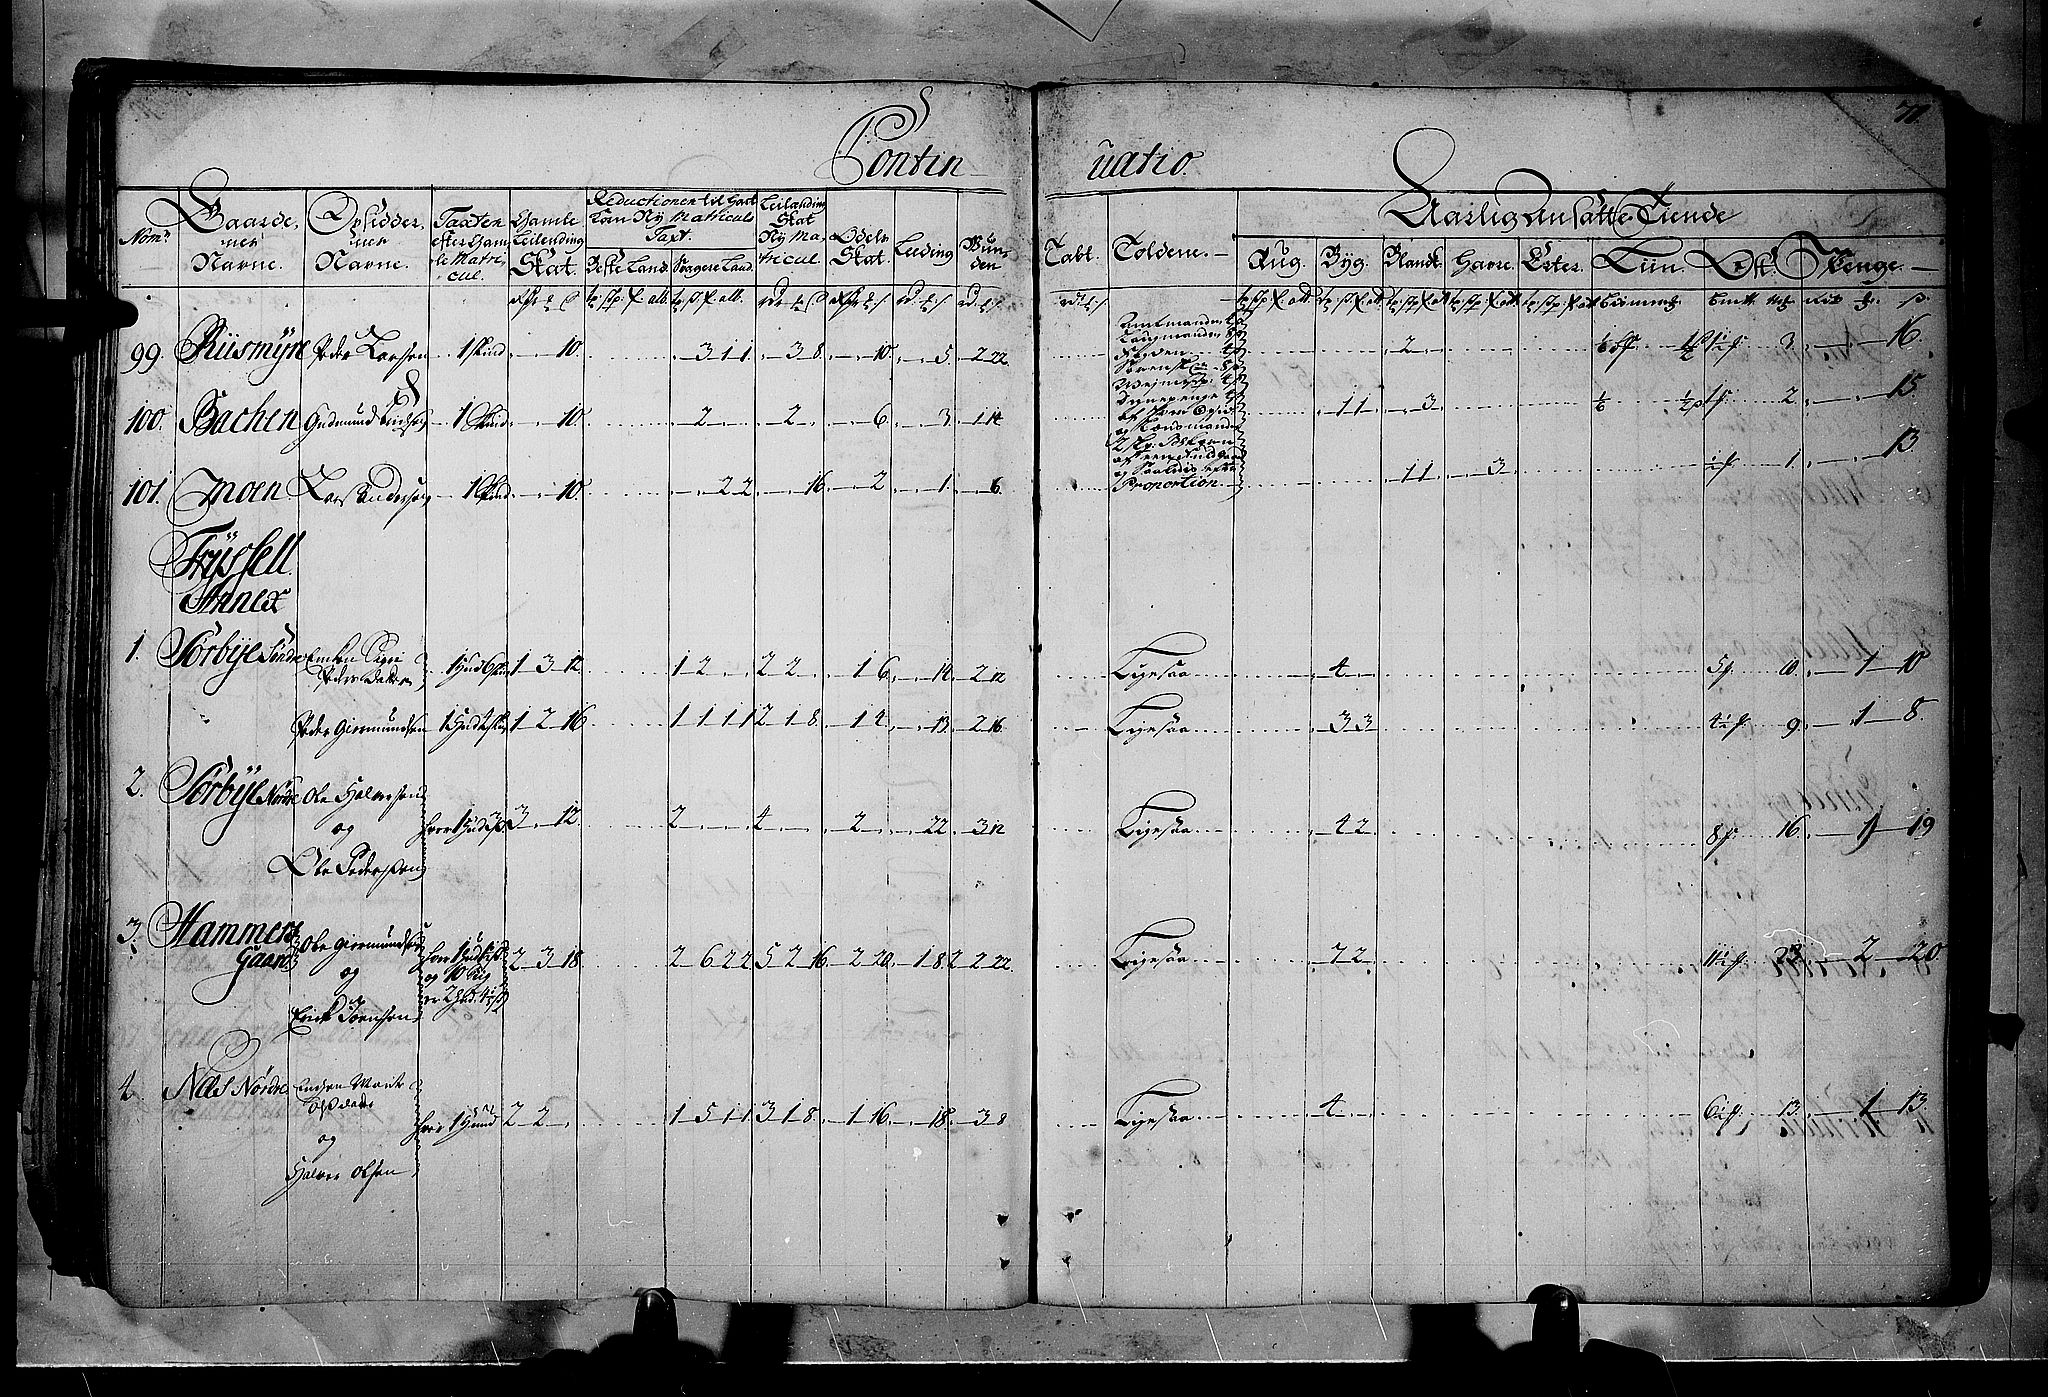 RA, Rentekammeret inntil 1814, Realistisk ordnet avdeling, N/Nb/Nbf/L0102: Solør, Østerdalen og Odal matrikkelprotokoll, 1723, s. 70b-71a